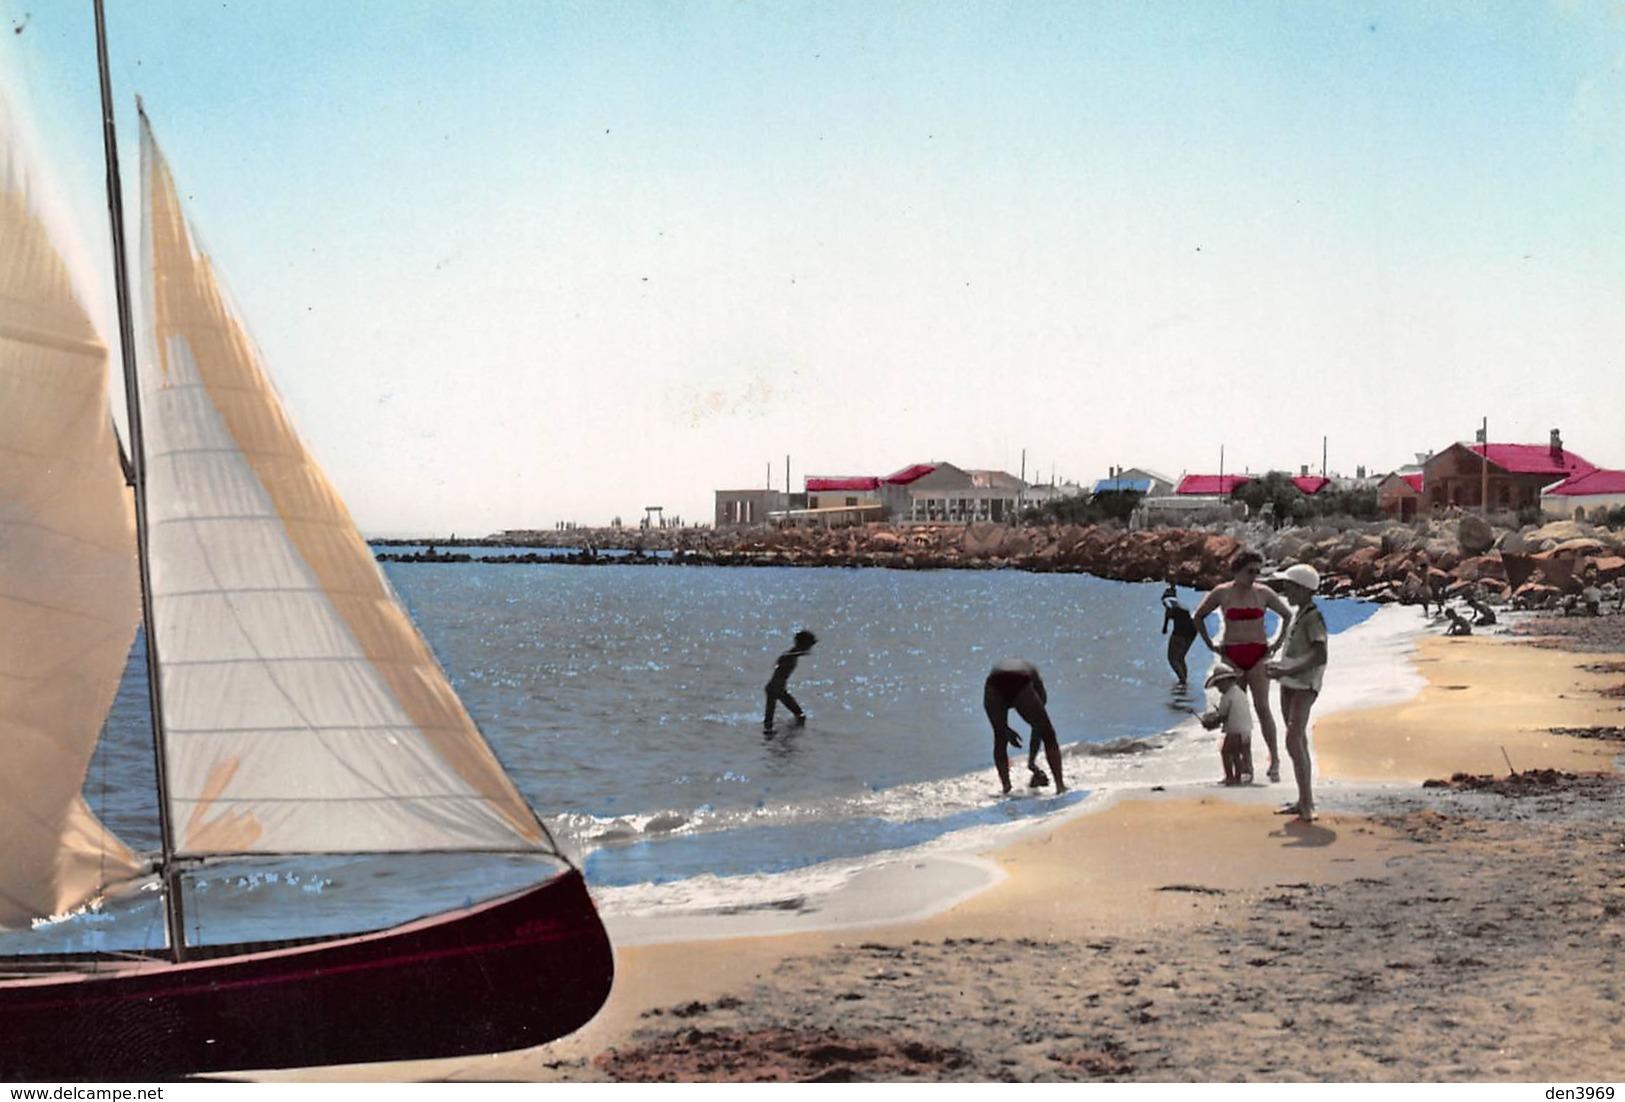 Les SAINTES-MARIES-de-la-MER - Bords De Mer - Voilier - Saintes Maries De La Mer